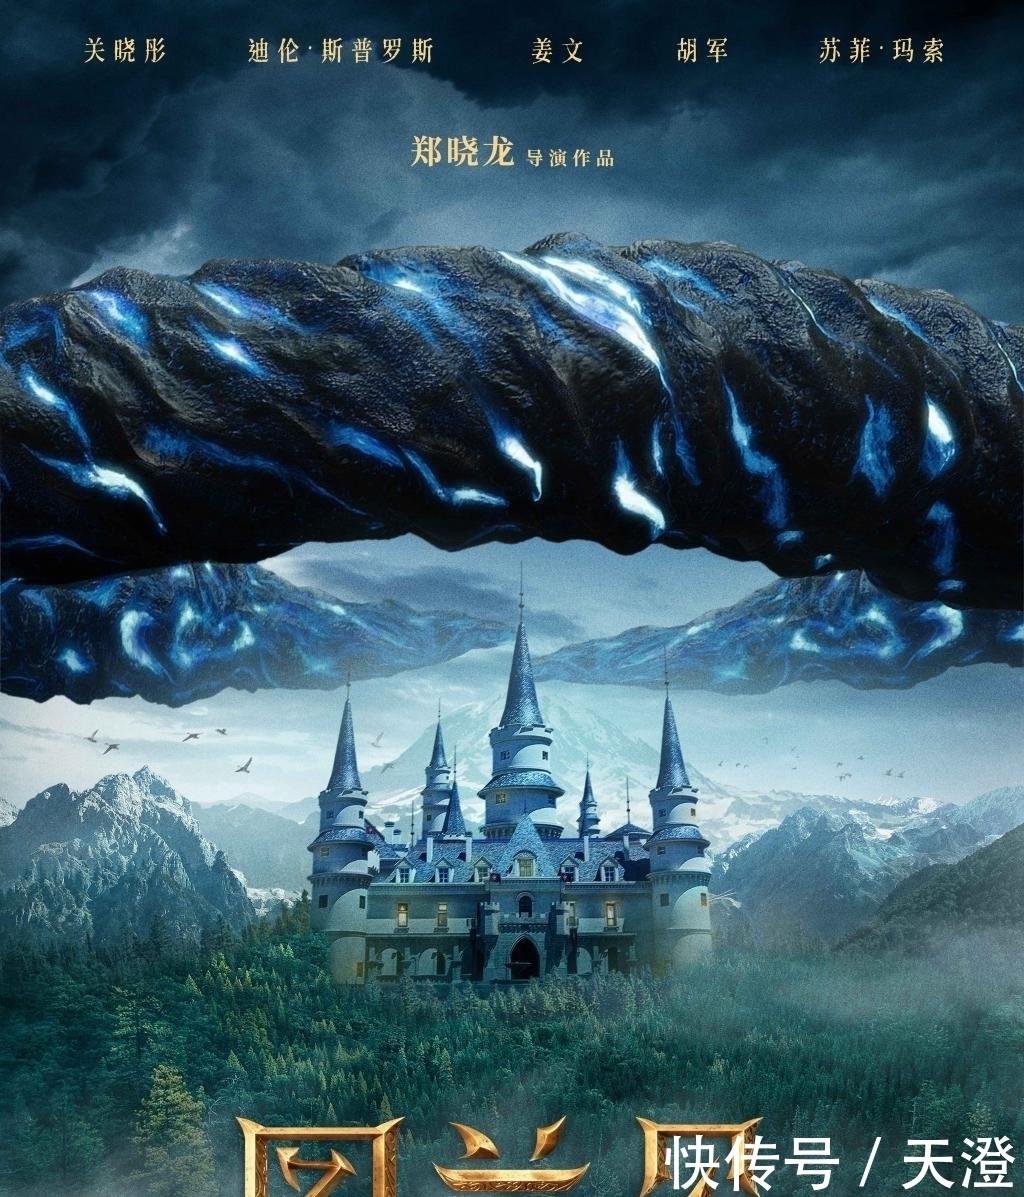 《图兰朵:魔咒缘起》电影百度云网盘【1080P已更新】中字资源已完结